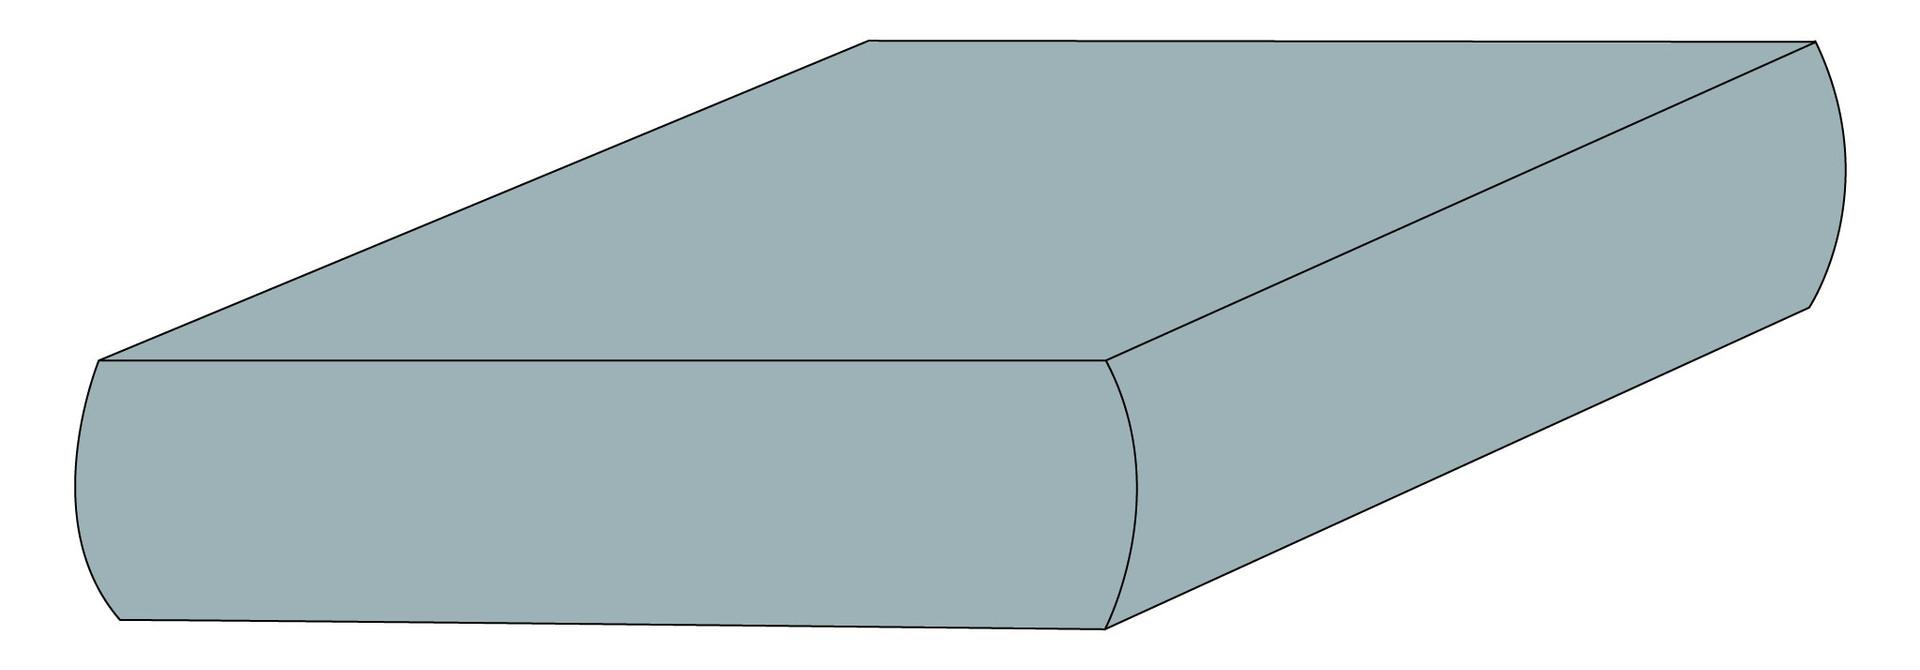 Drap contour coton - Glacier